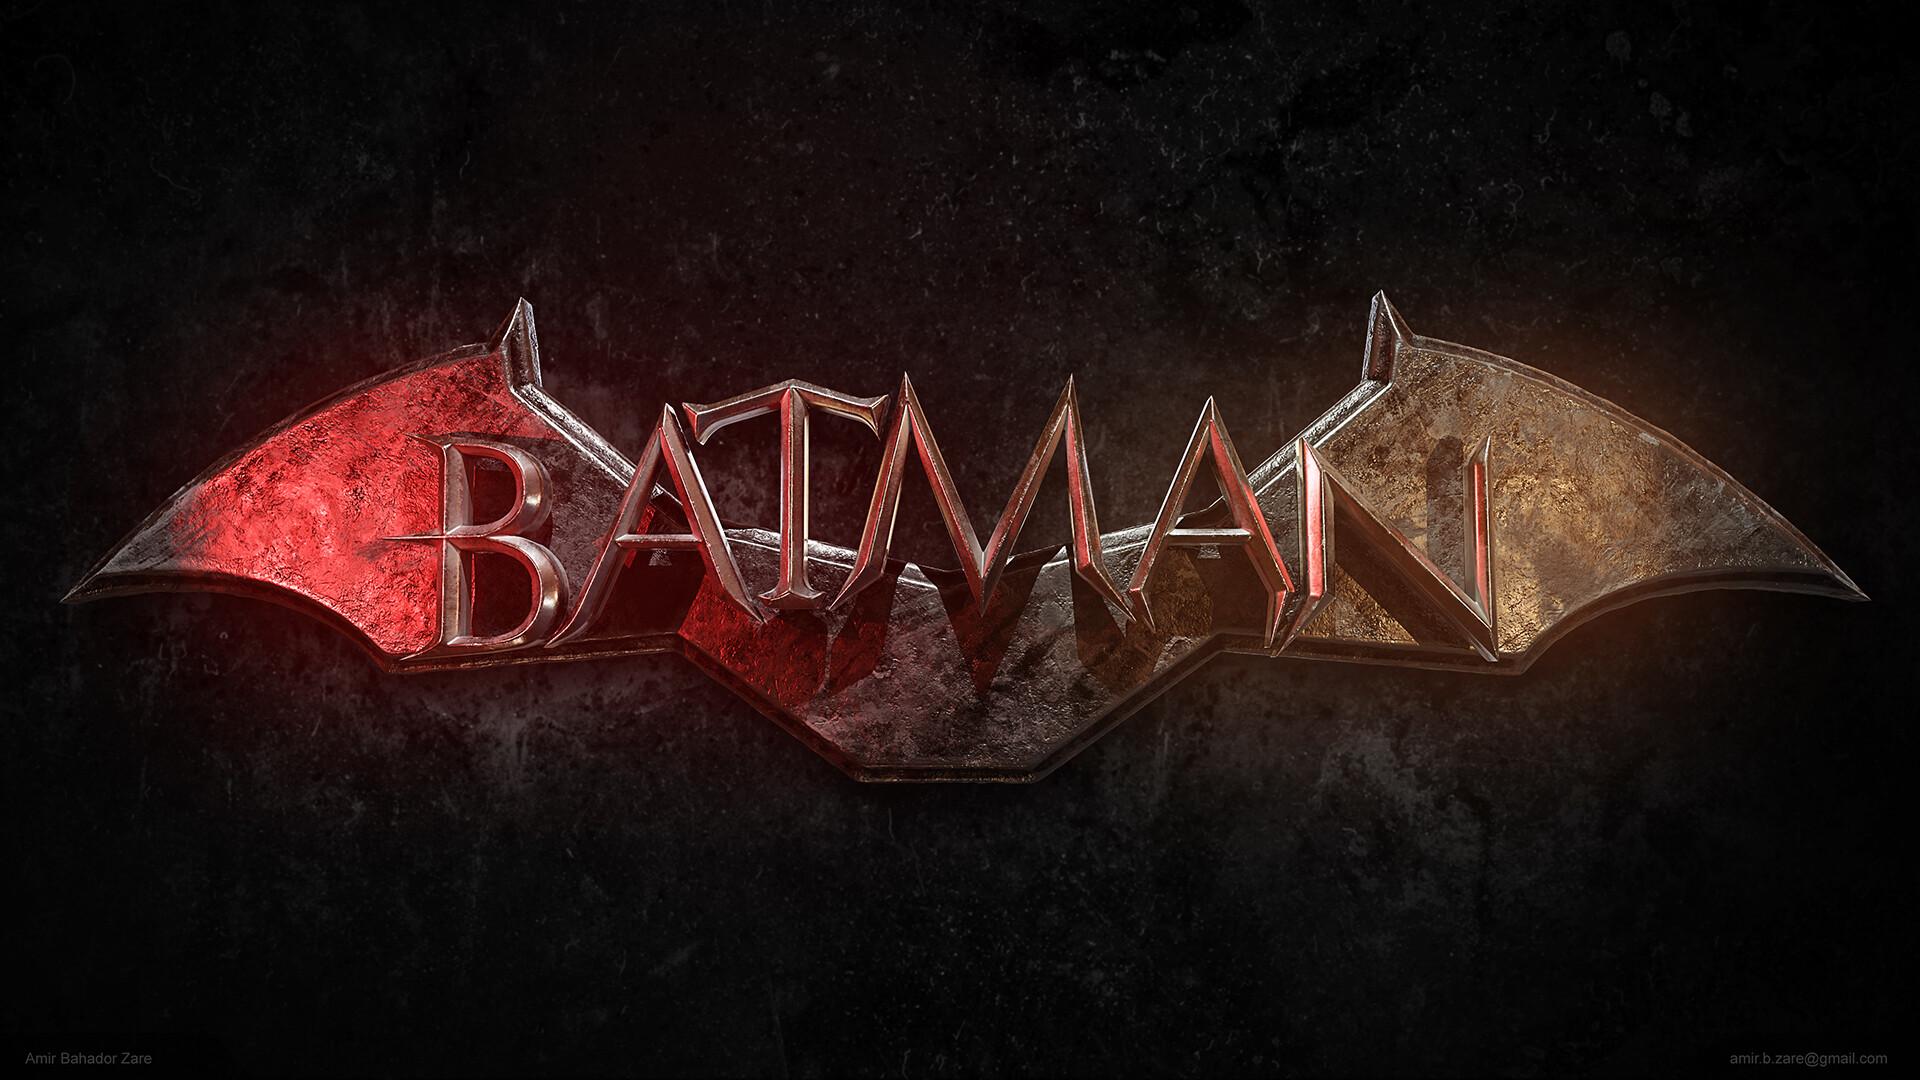 Artstation Batman 2021 Logo Wallpaper Amir Bahador Zare